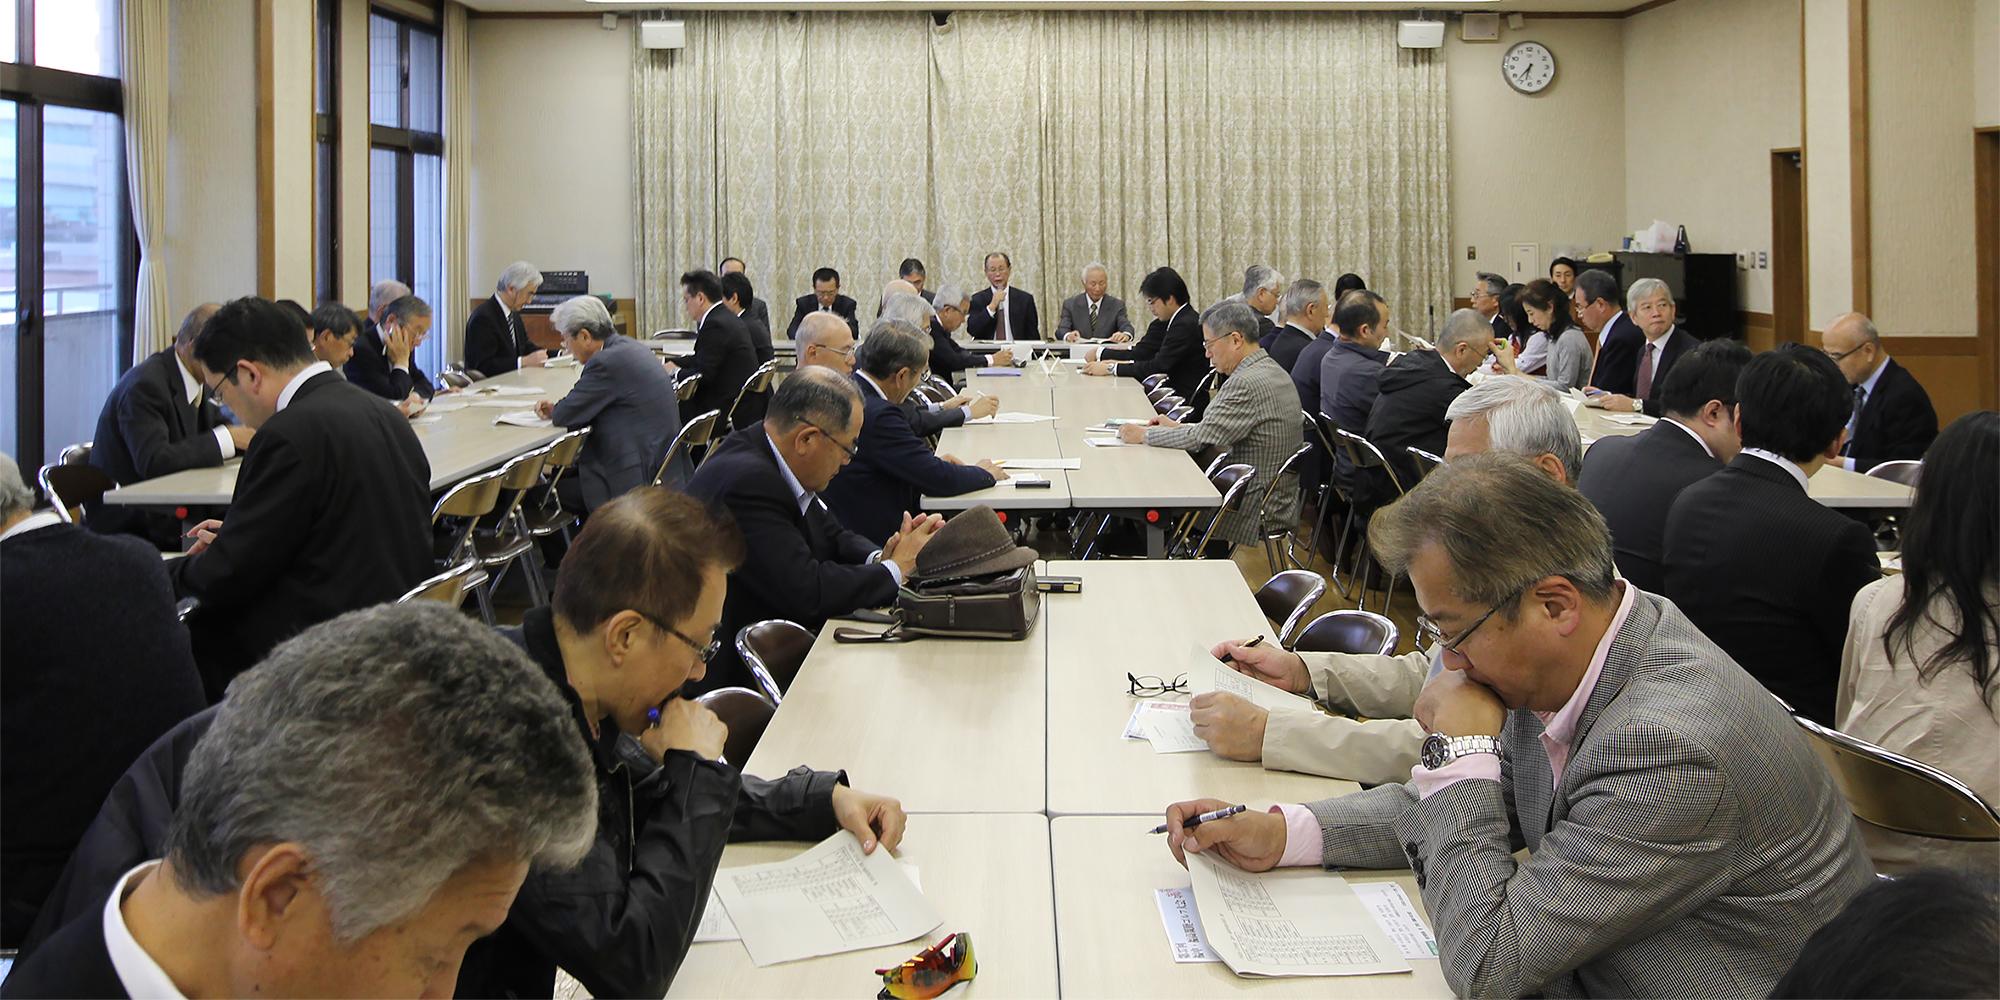 平成26年度 常任幹事会の様子